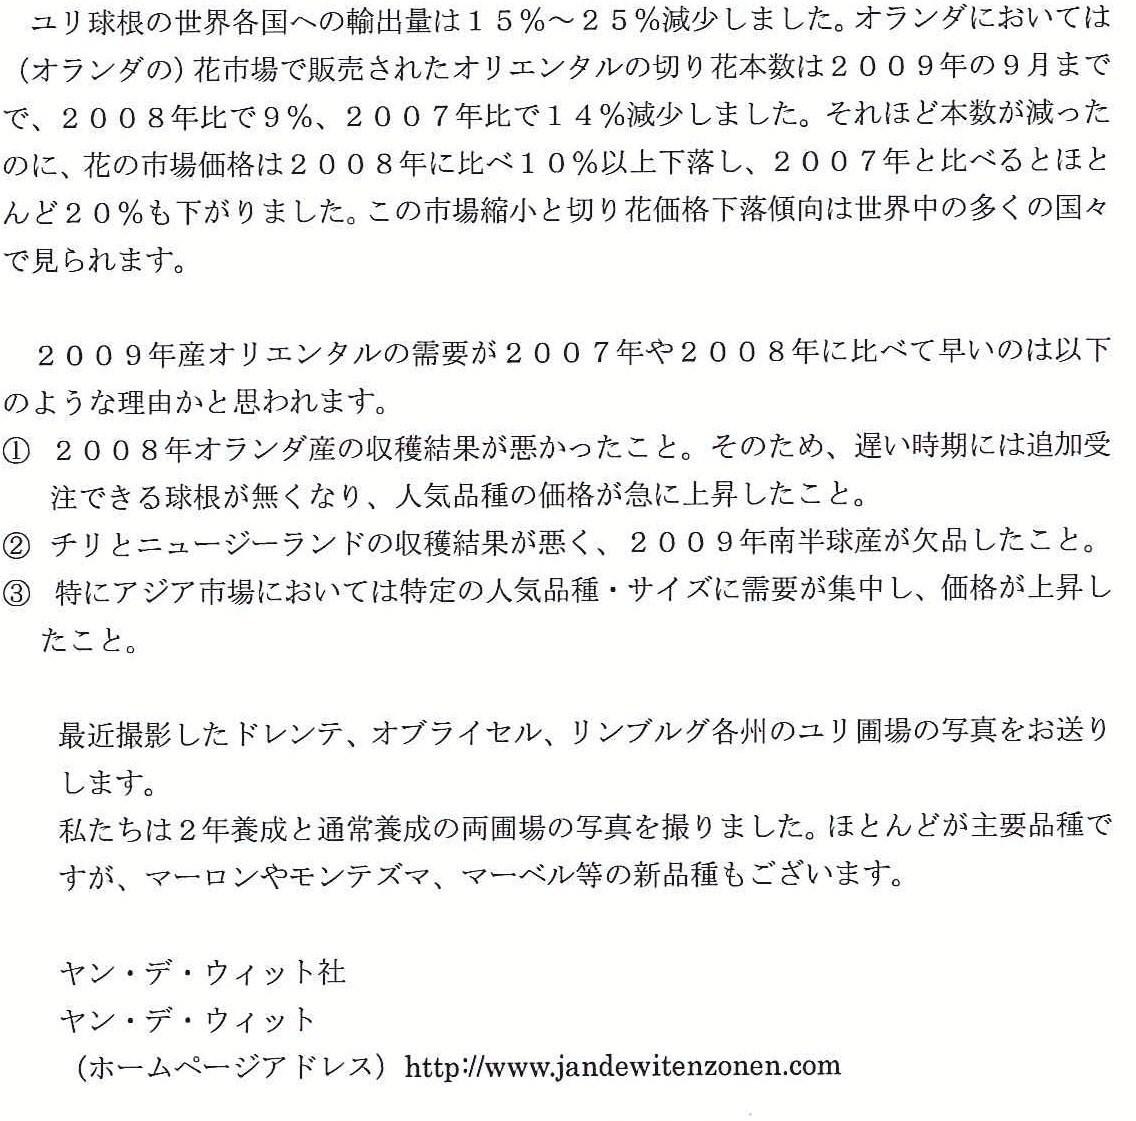 ヤンデウィット社からの情報(2009/10/26)